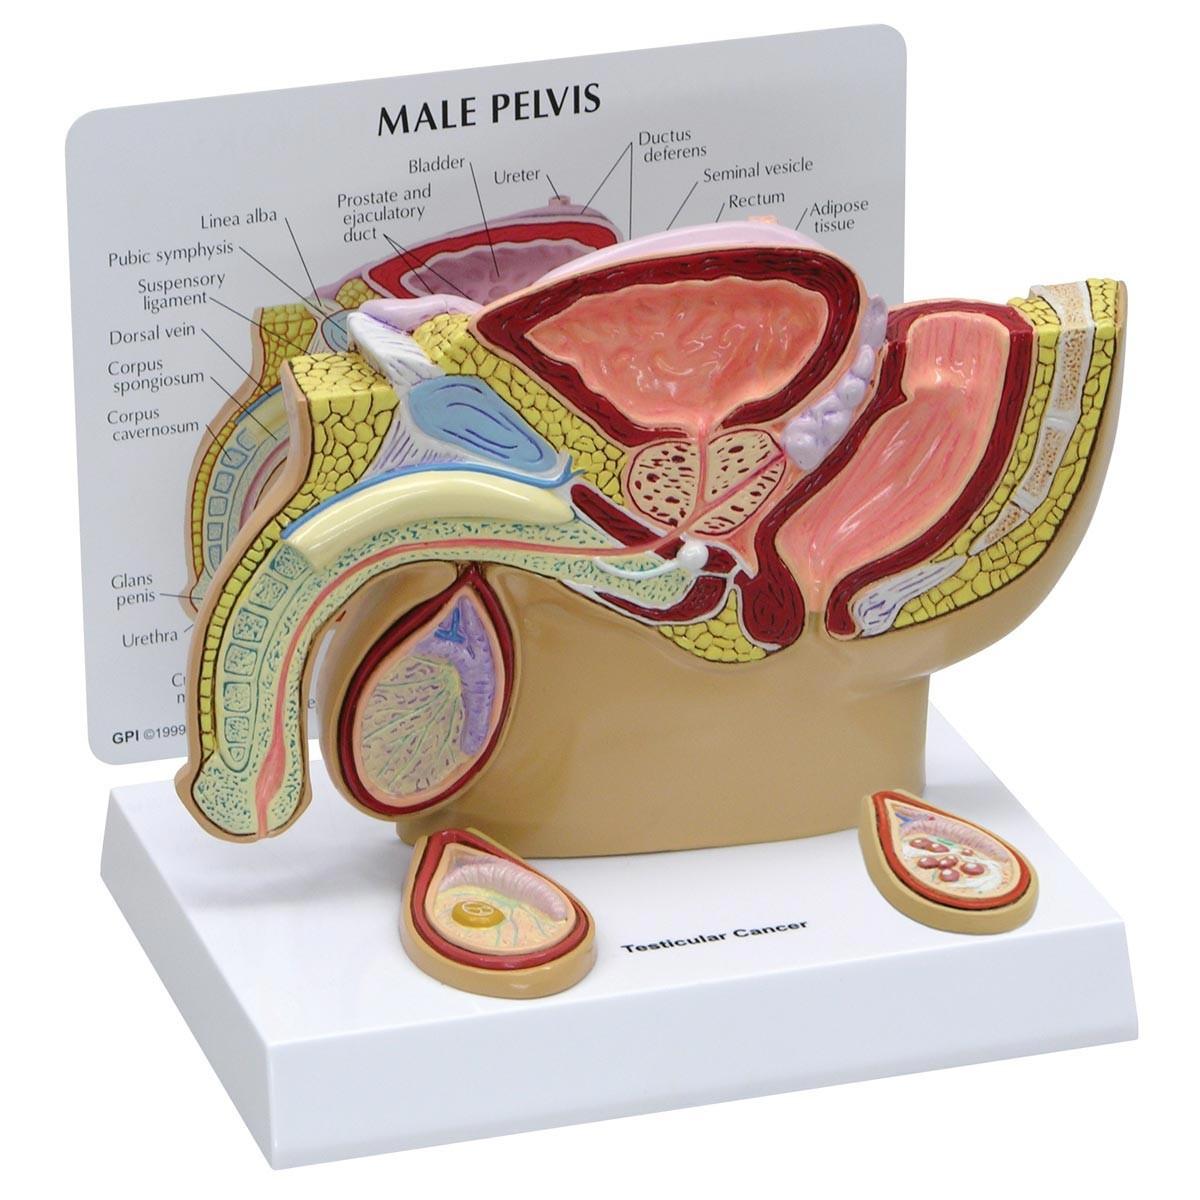 Modell eines männlichen Beckens mit Hoden